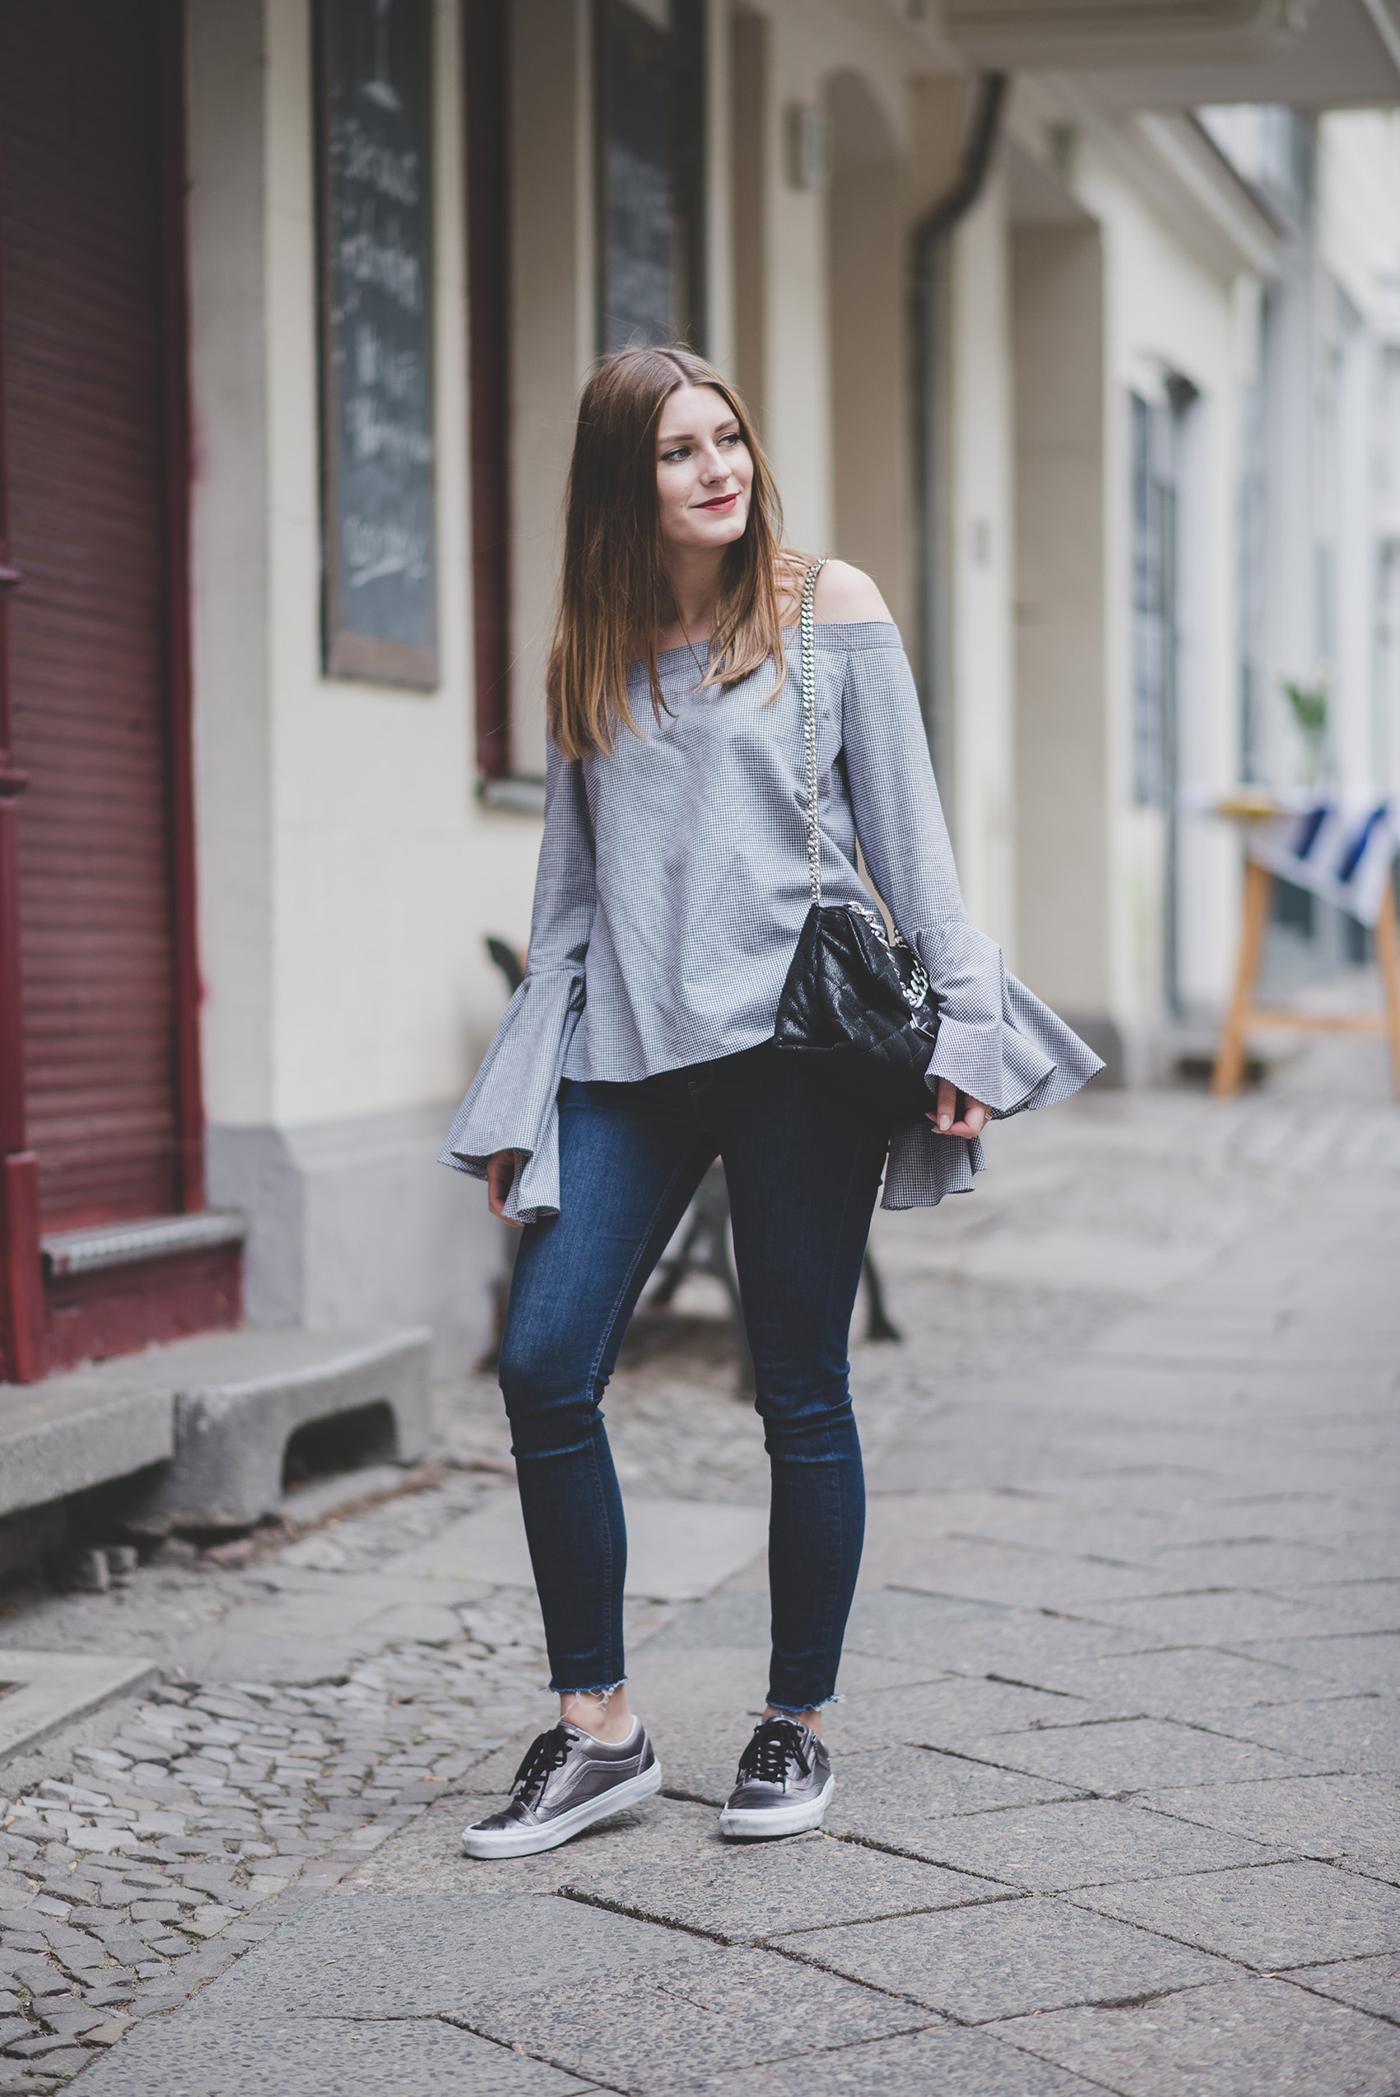 mlm label blouse & vans 1